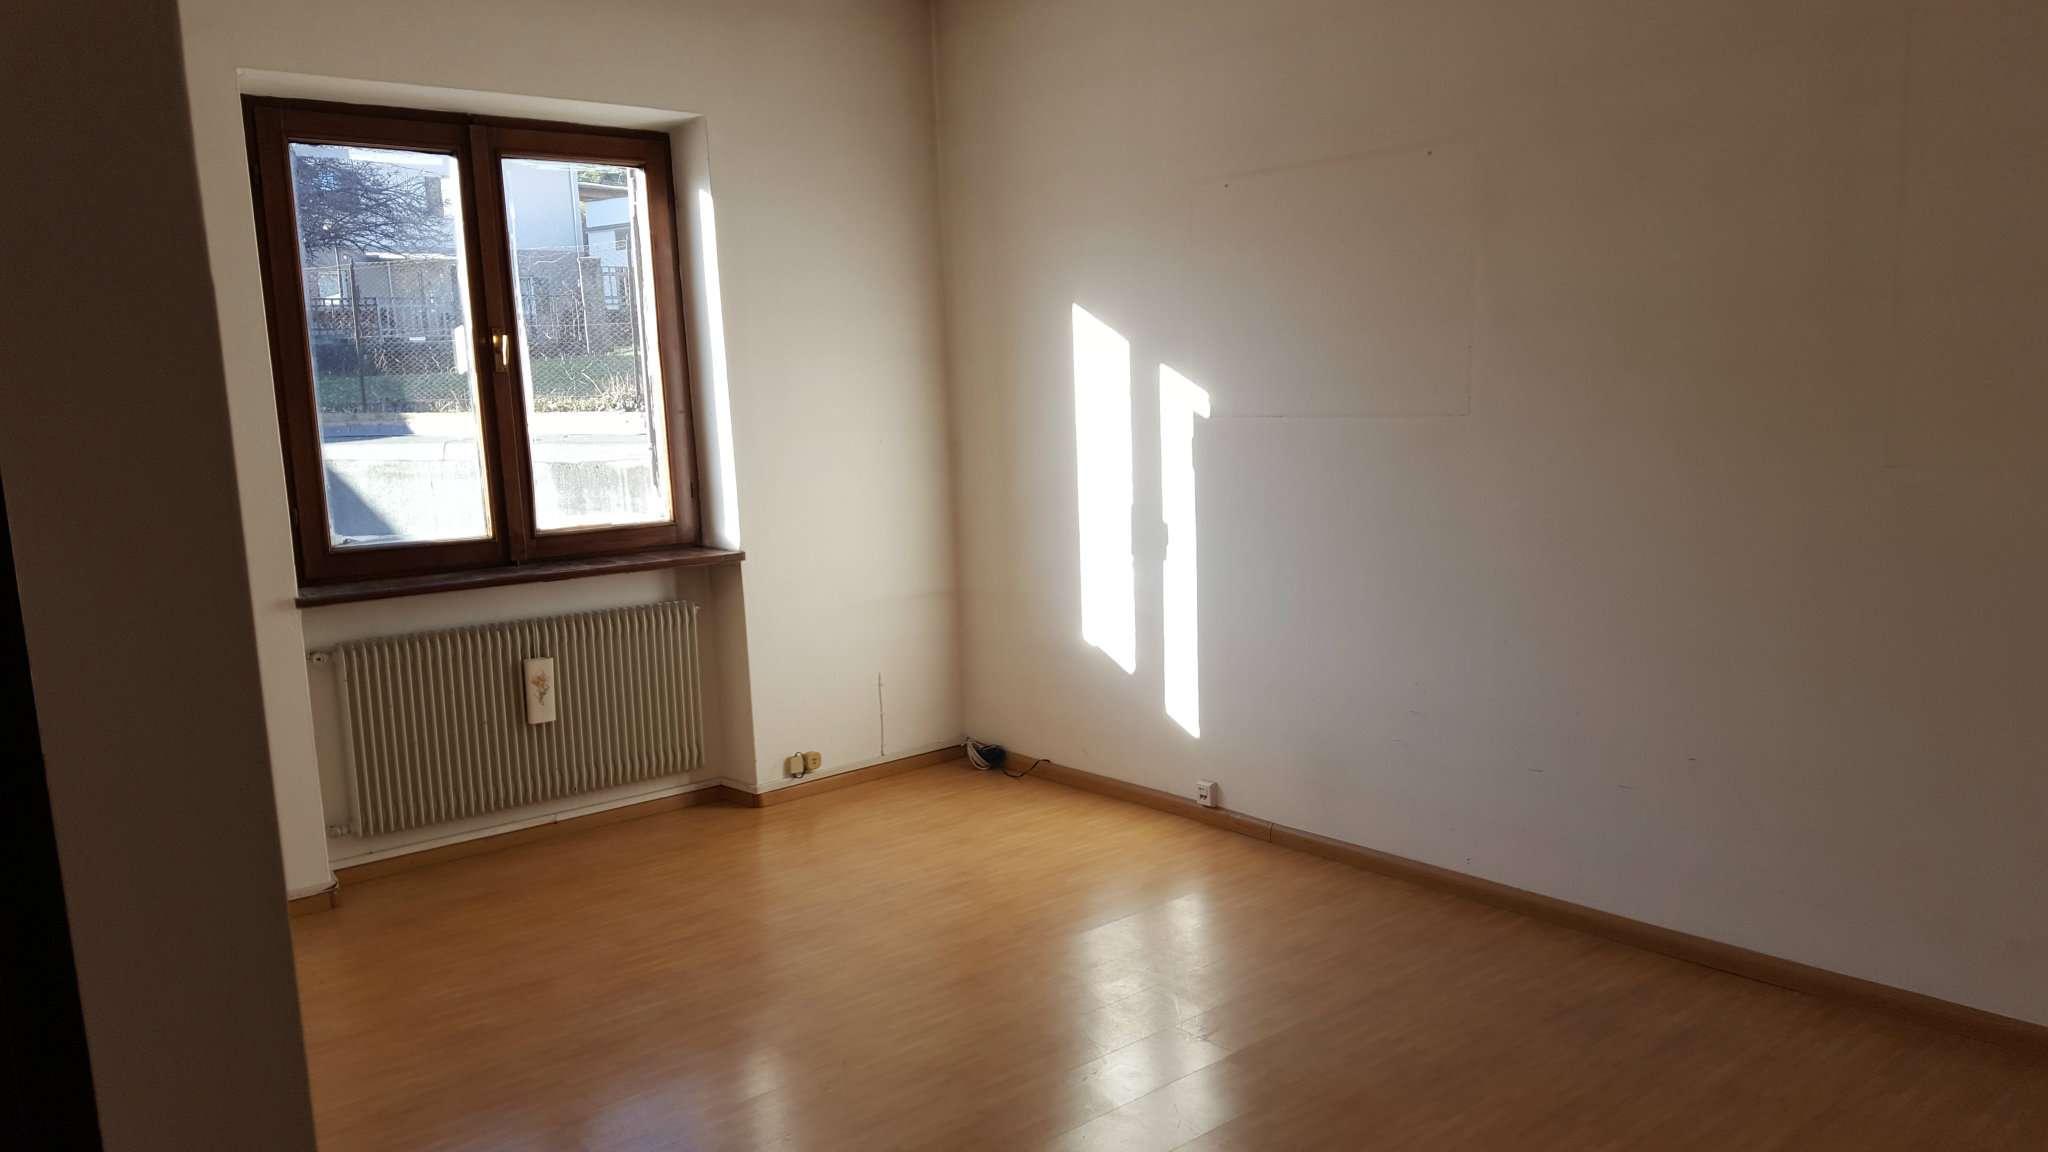 Appartamento in vendita a Cles, 5 locali, prezzo € 190.000 | Cambio Casa.it